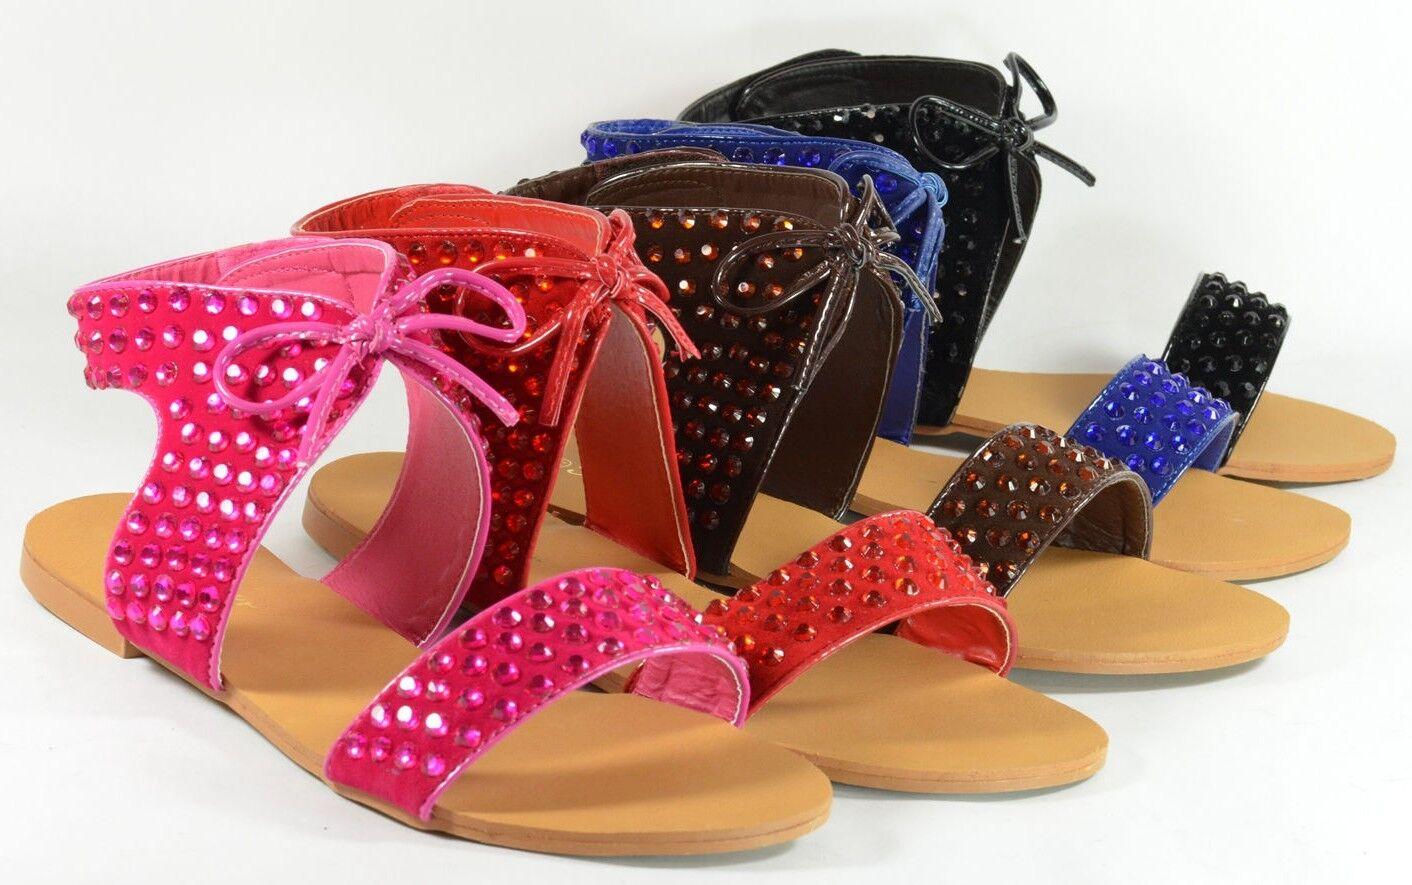 Mujer Sandalias Nuevo Diseño Lentejuelas Al Match Color Estrás Planas Al Lentejuelas Tobillo 514268